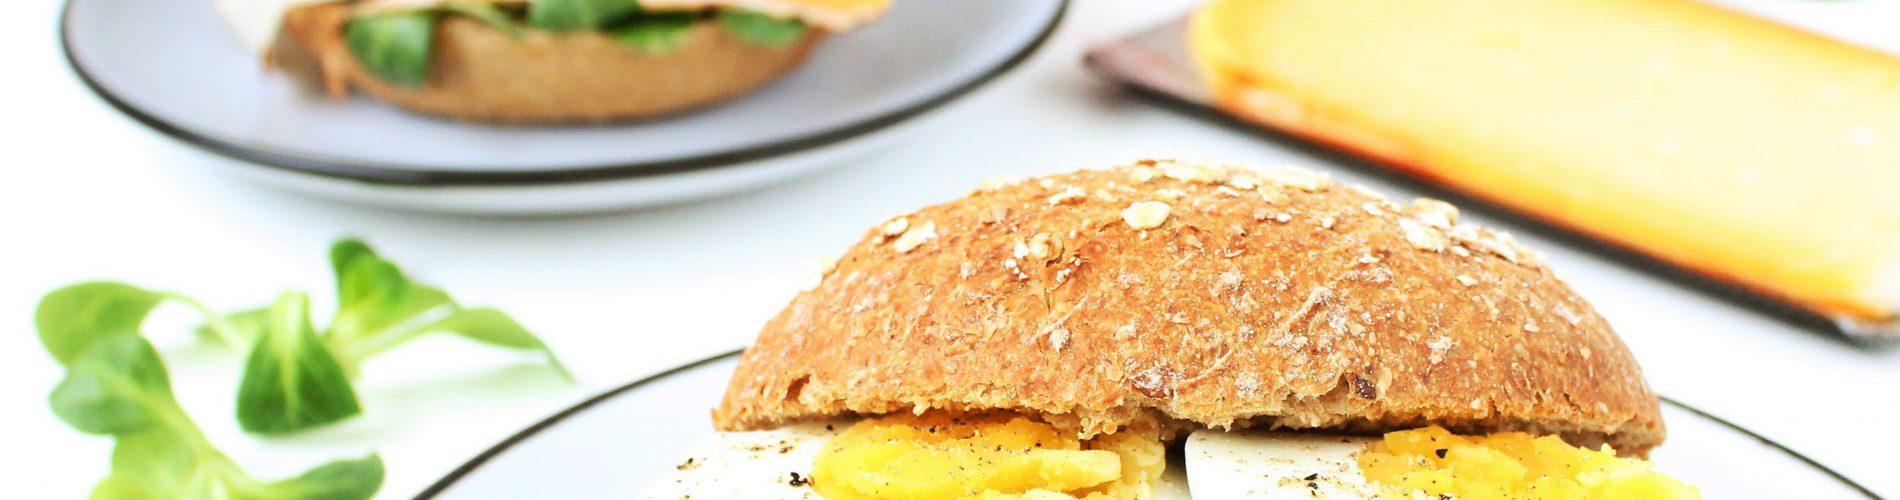 Ontbijt / lunch | broodje gezond met Solight kaas